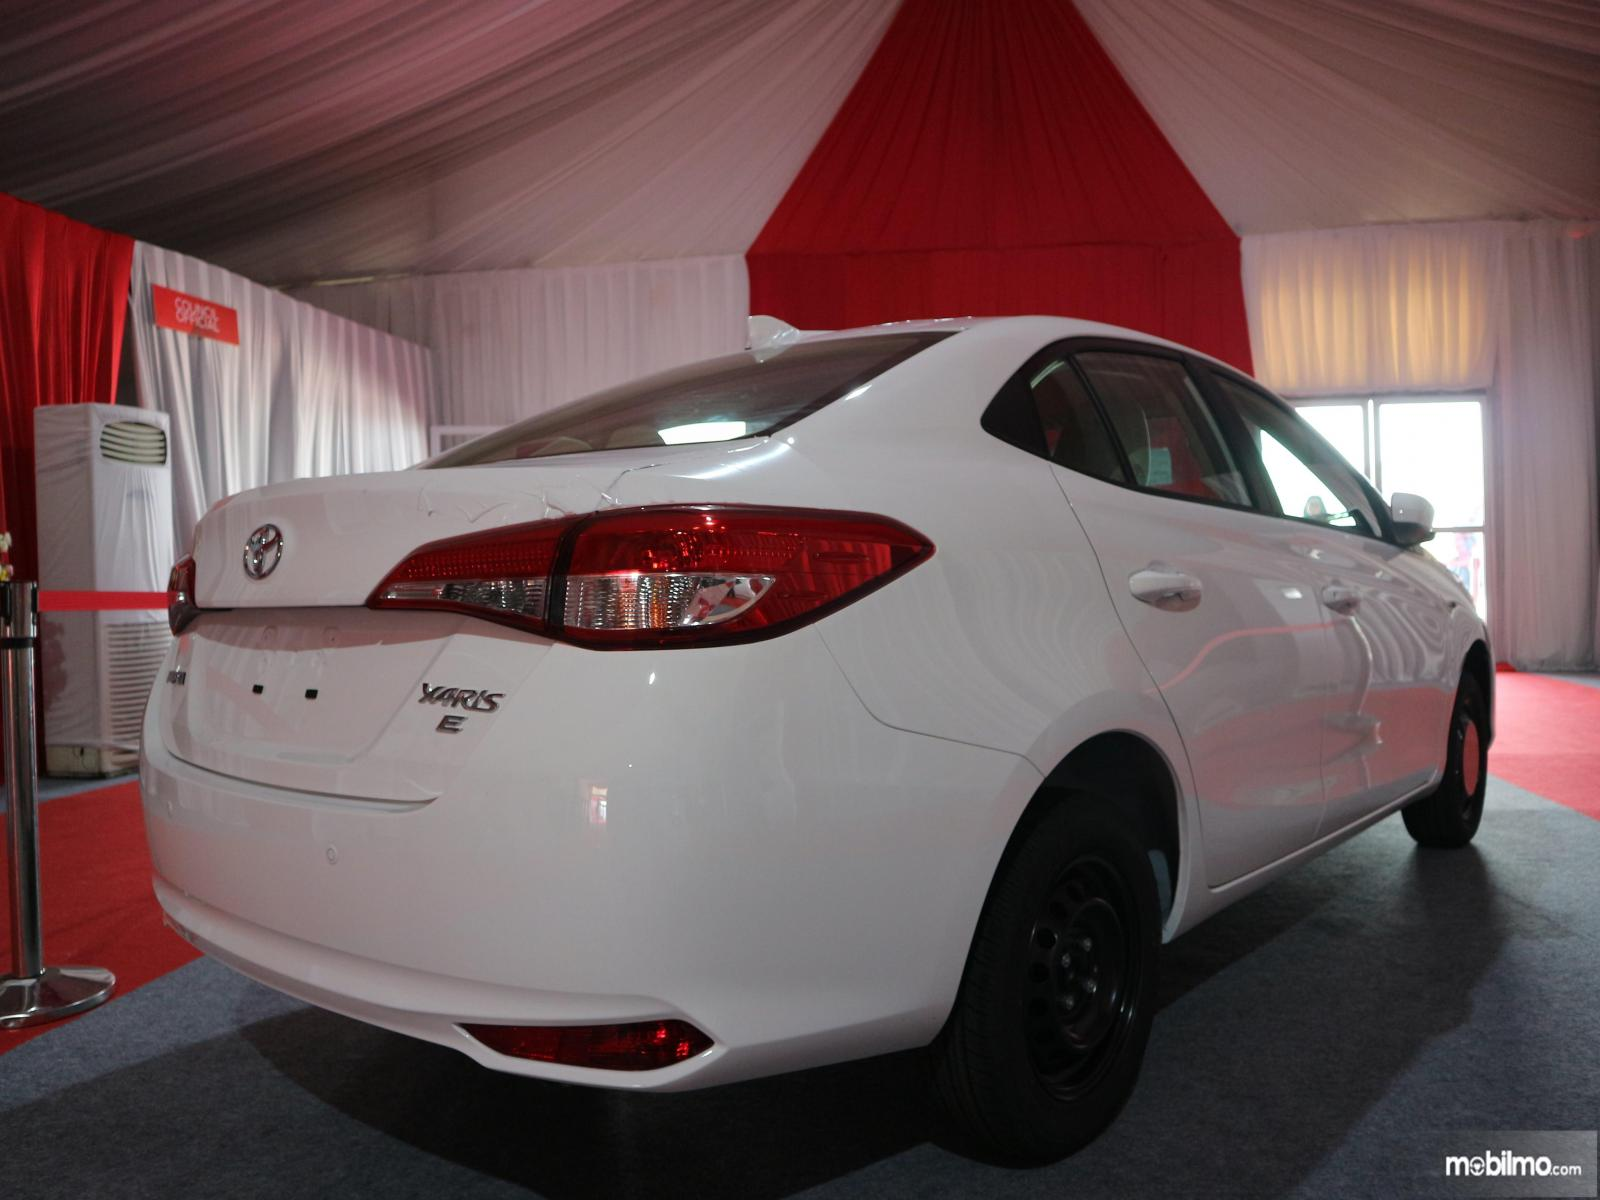 Gambar mobil Toyota Vios 2019 Versi Ekspor  berwarna putih dilihat dari sisi belakang